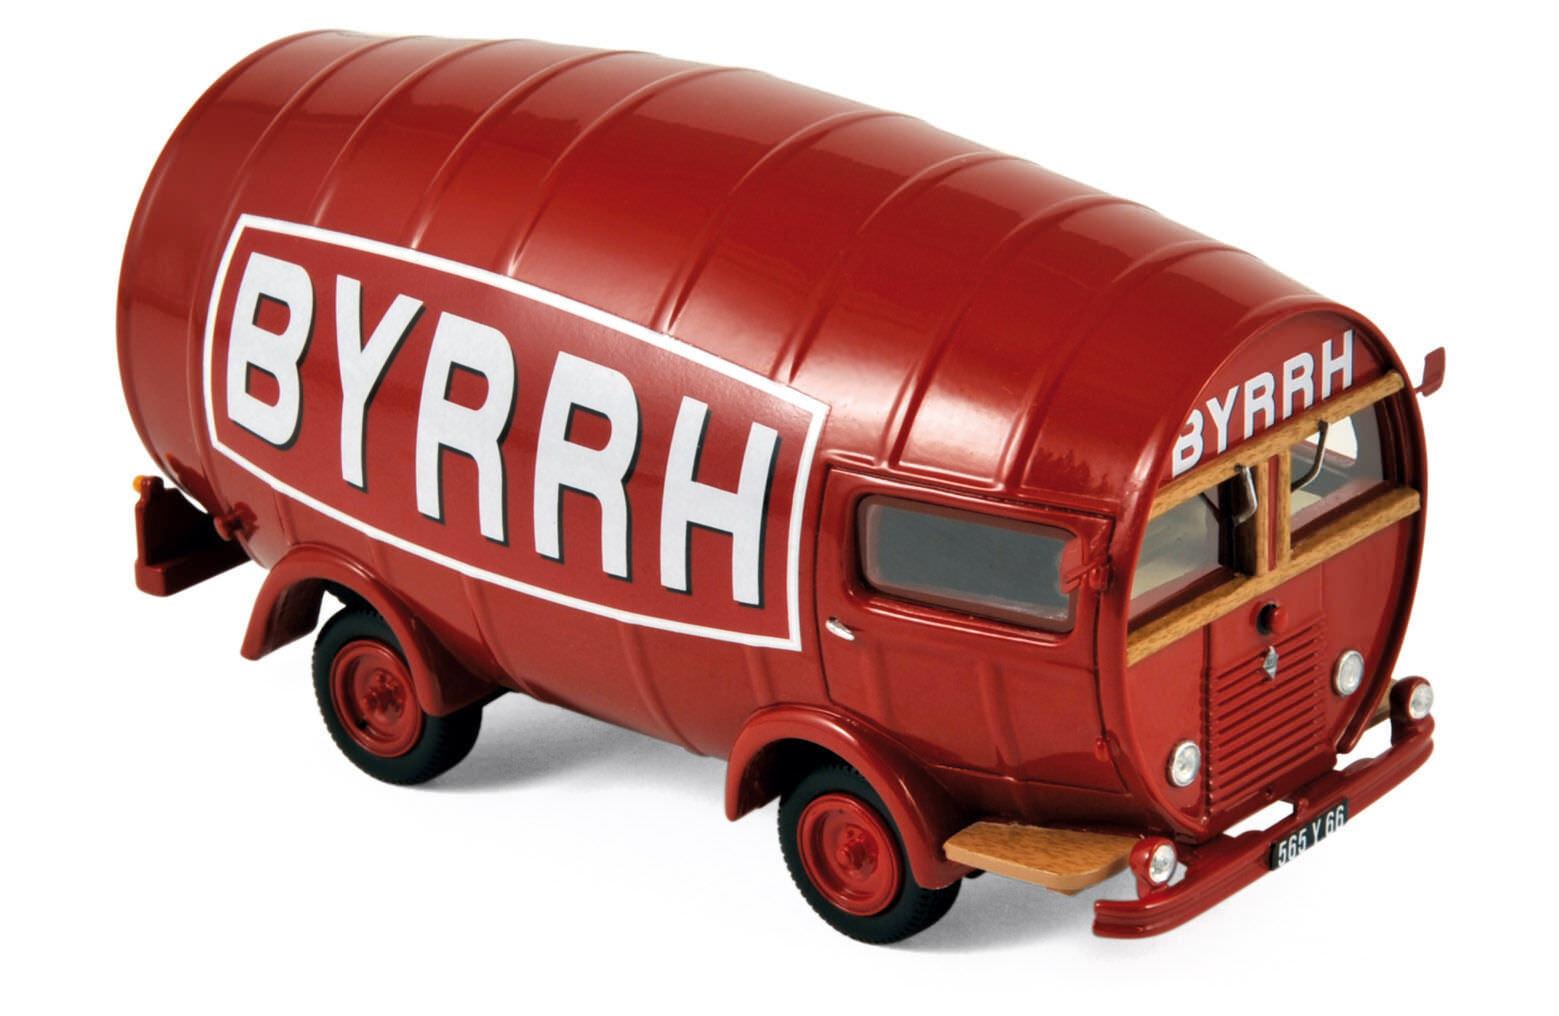 Renault 1400KG 1953 - BYRRH - Caravane Tour de france 1 43 PM0093